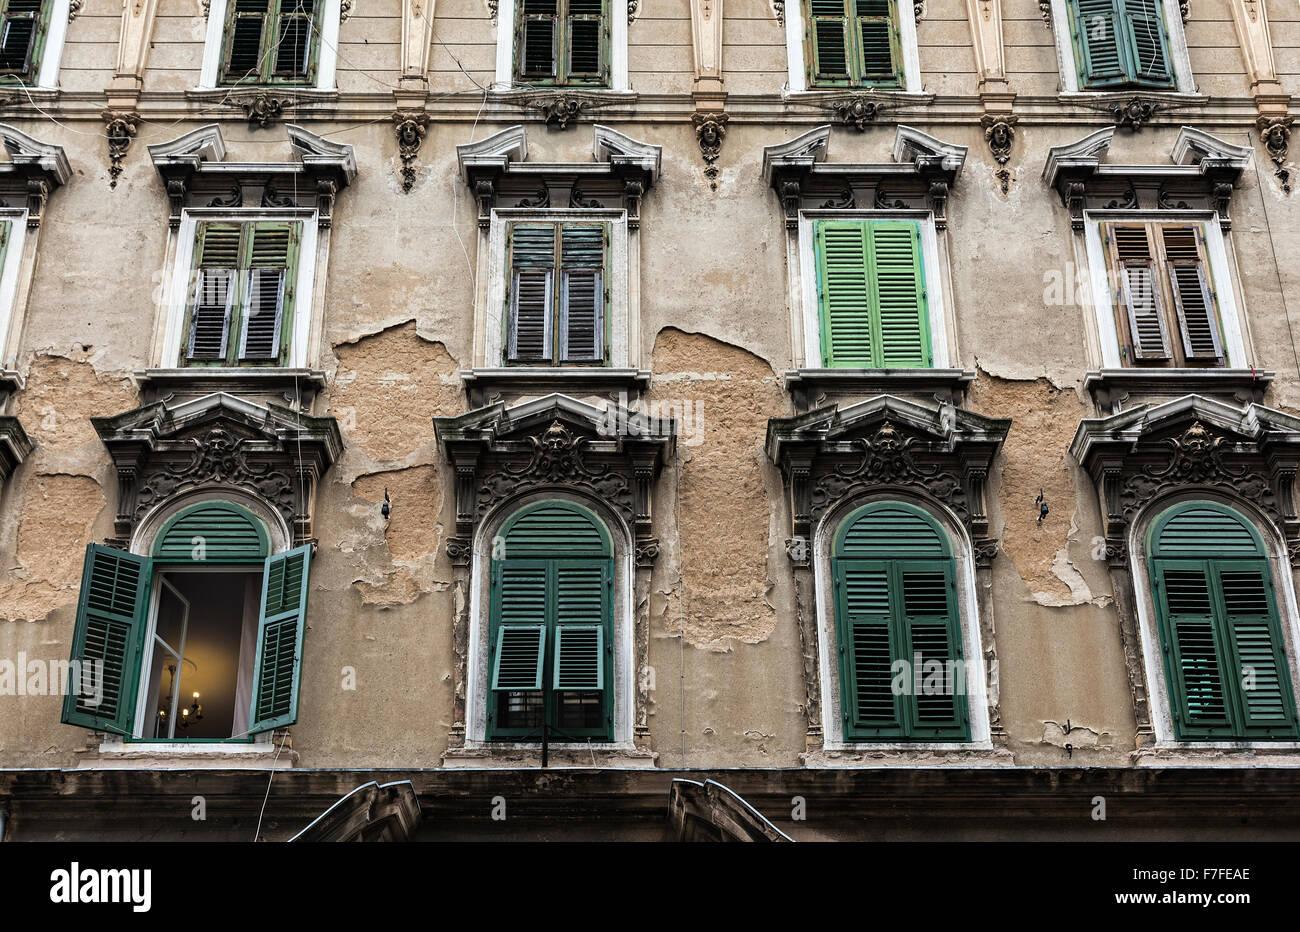 La façade de l'immeuble avec des fenêtres à volets, Rijeka, Croatie Photo Stock